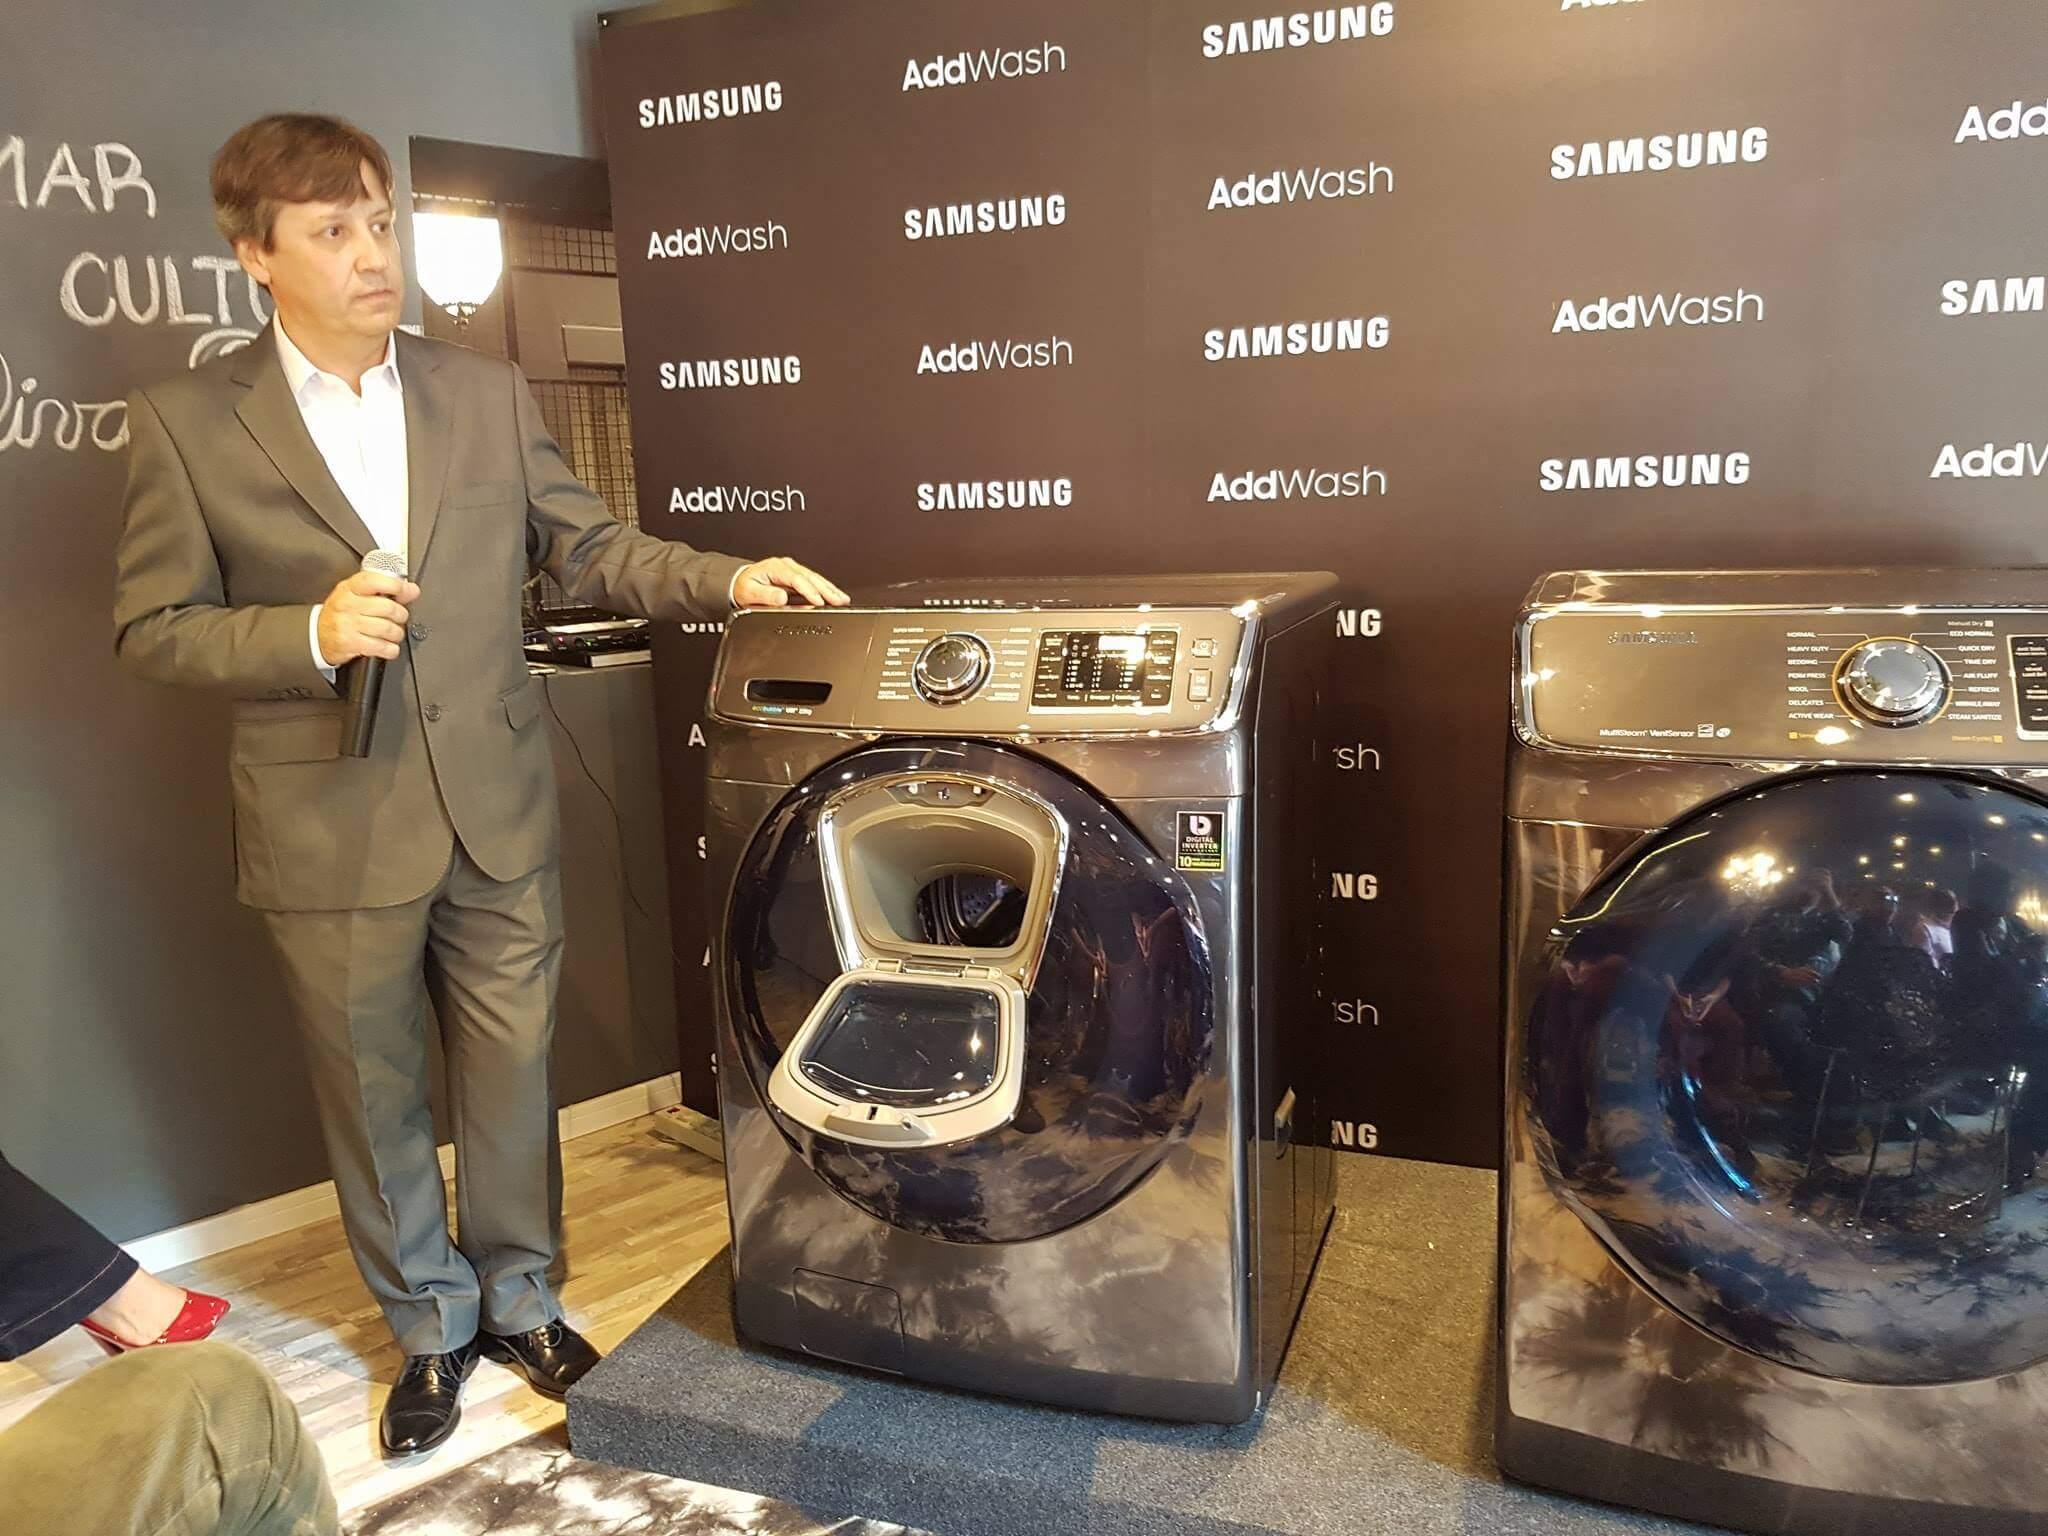 18720685 10207314490580583 531518923 o - Samsung lança linha branca AddWash com tecnologia inteligente